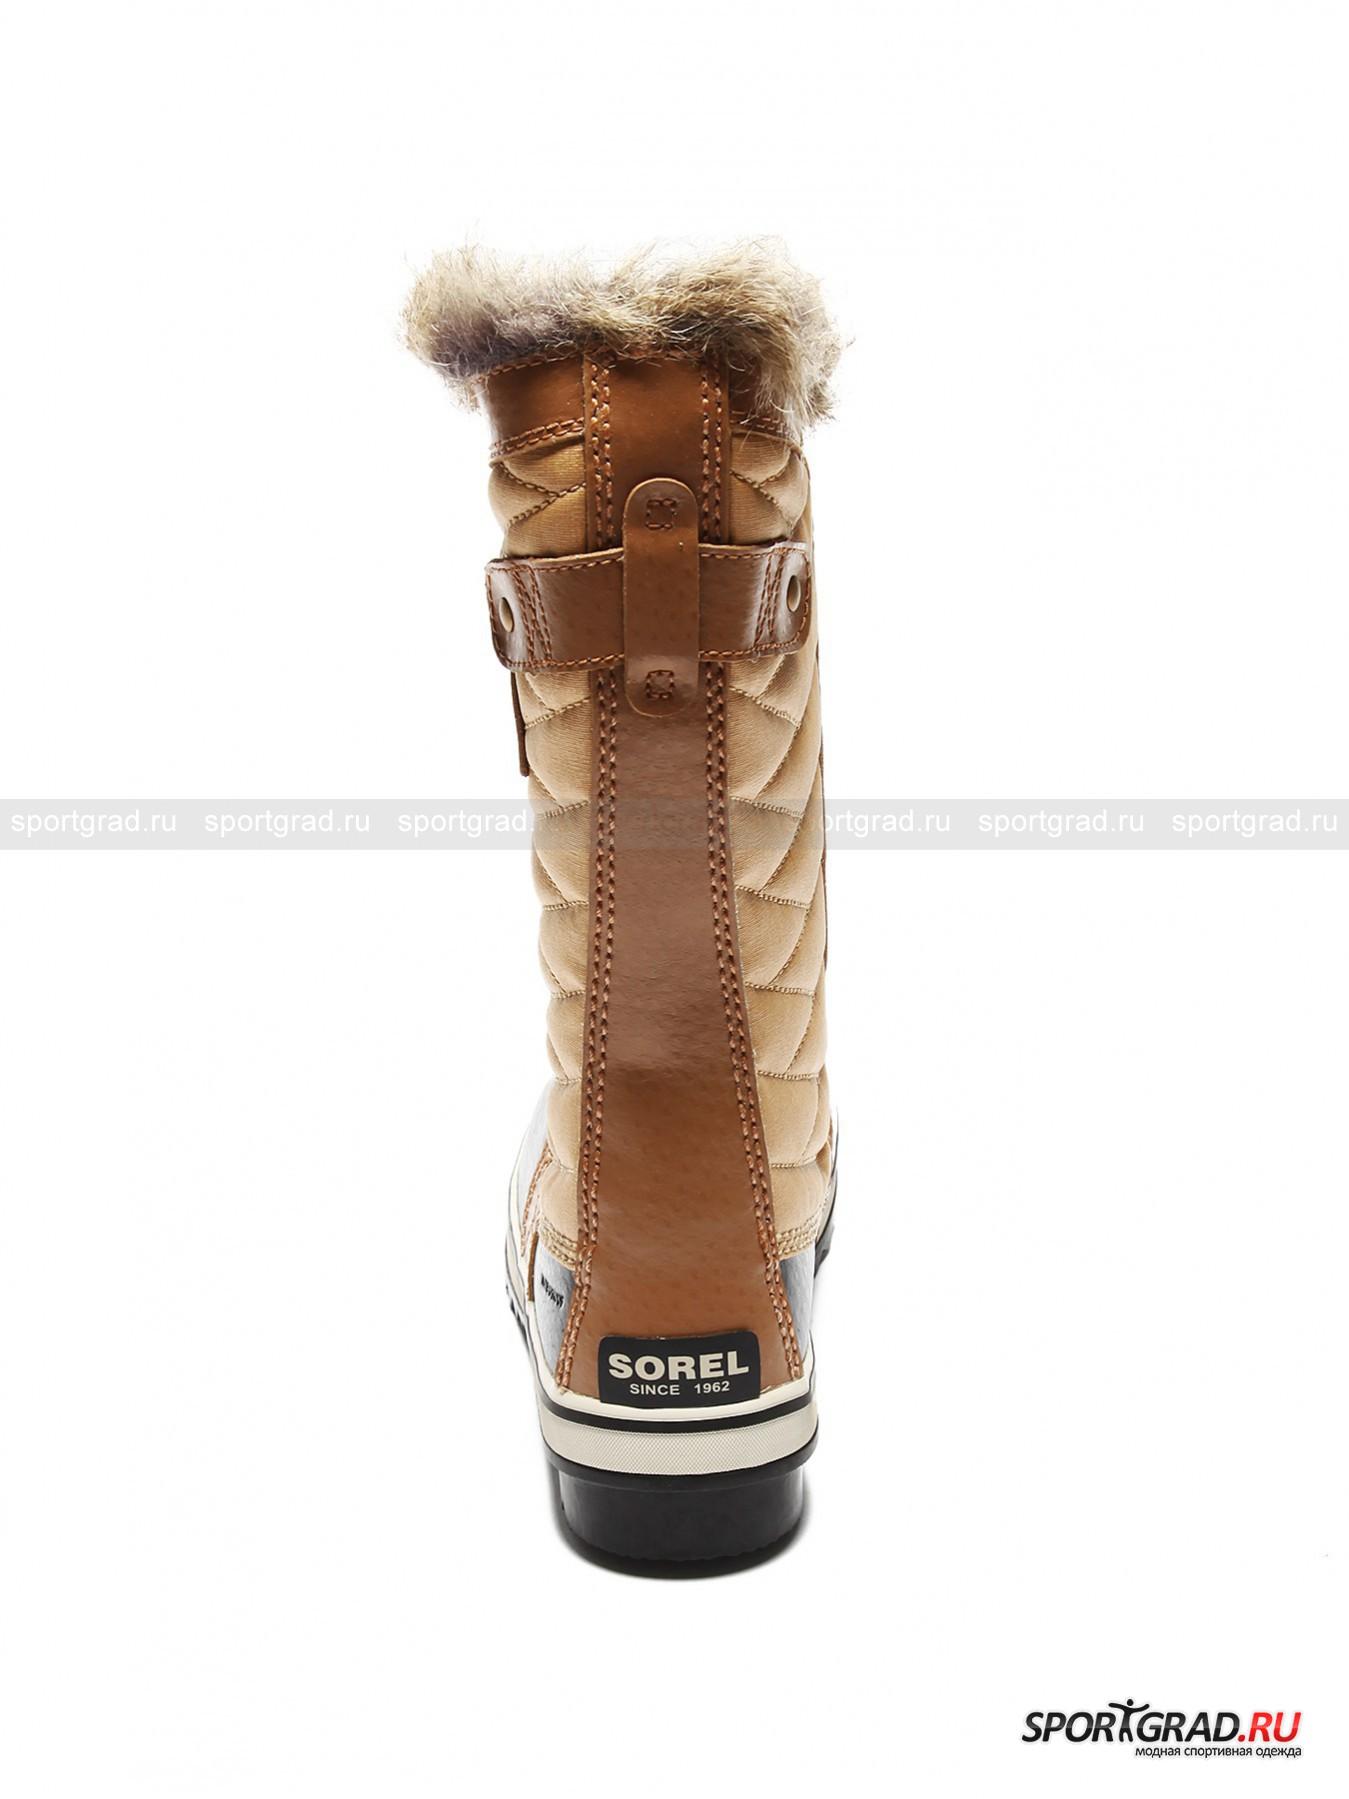 Ботинки женские зимние Tofino II SOREL от Спортград